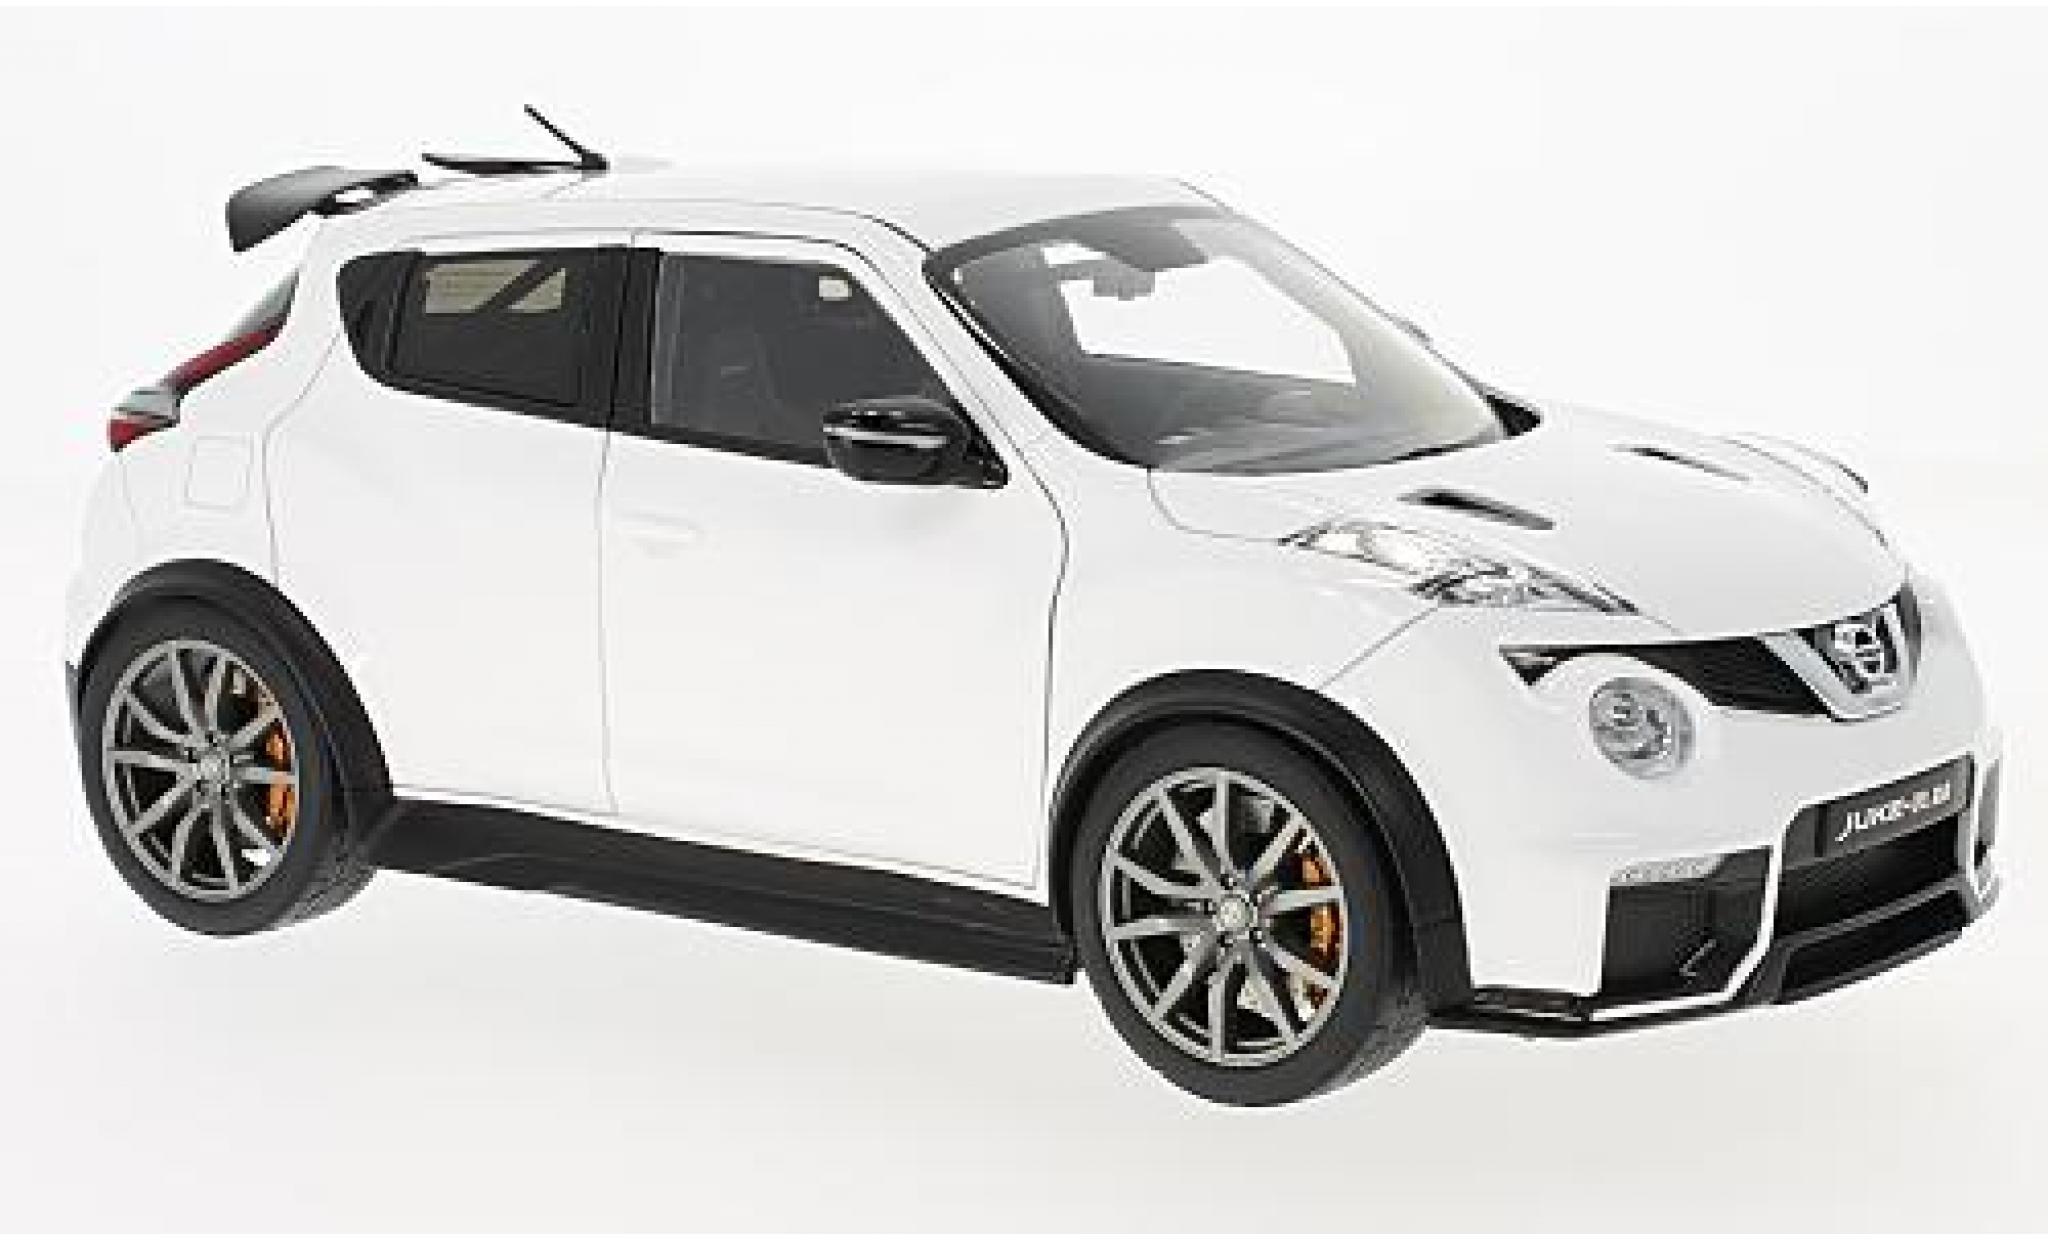 Nissan Juke 1/18 AUTOart -R 2.0 blanche 2016